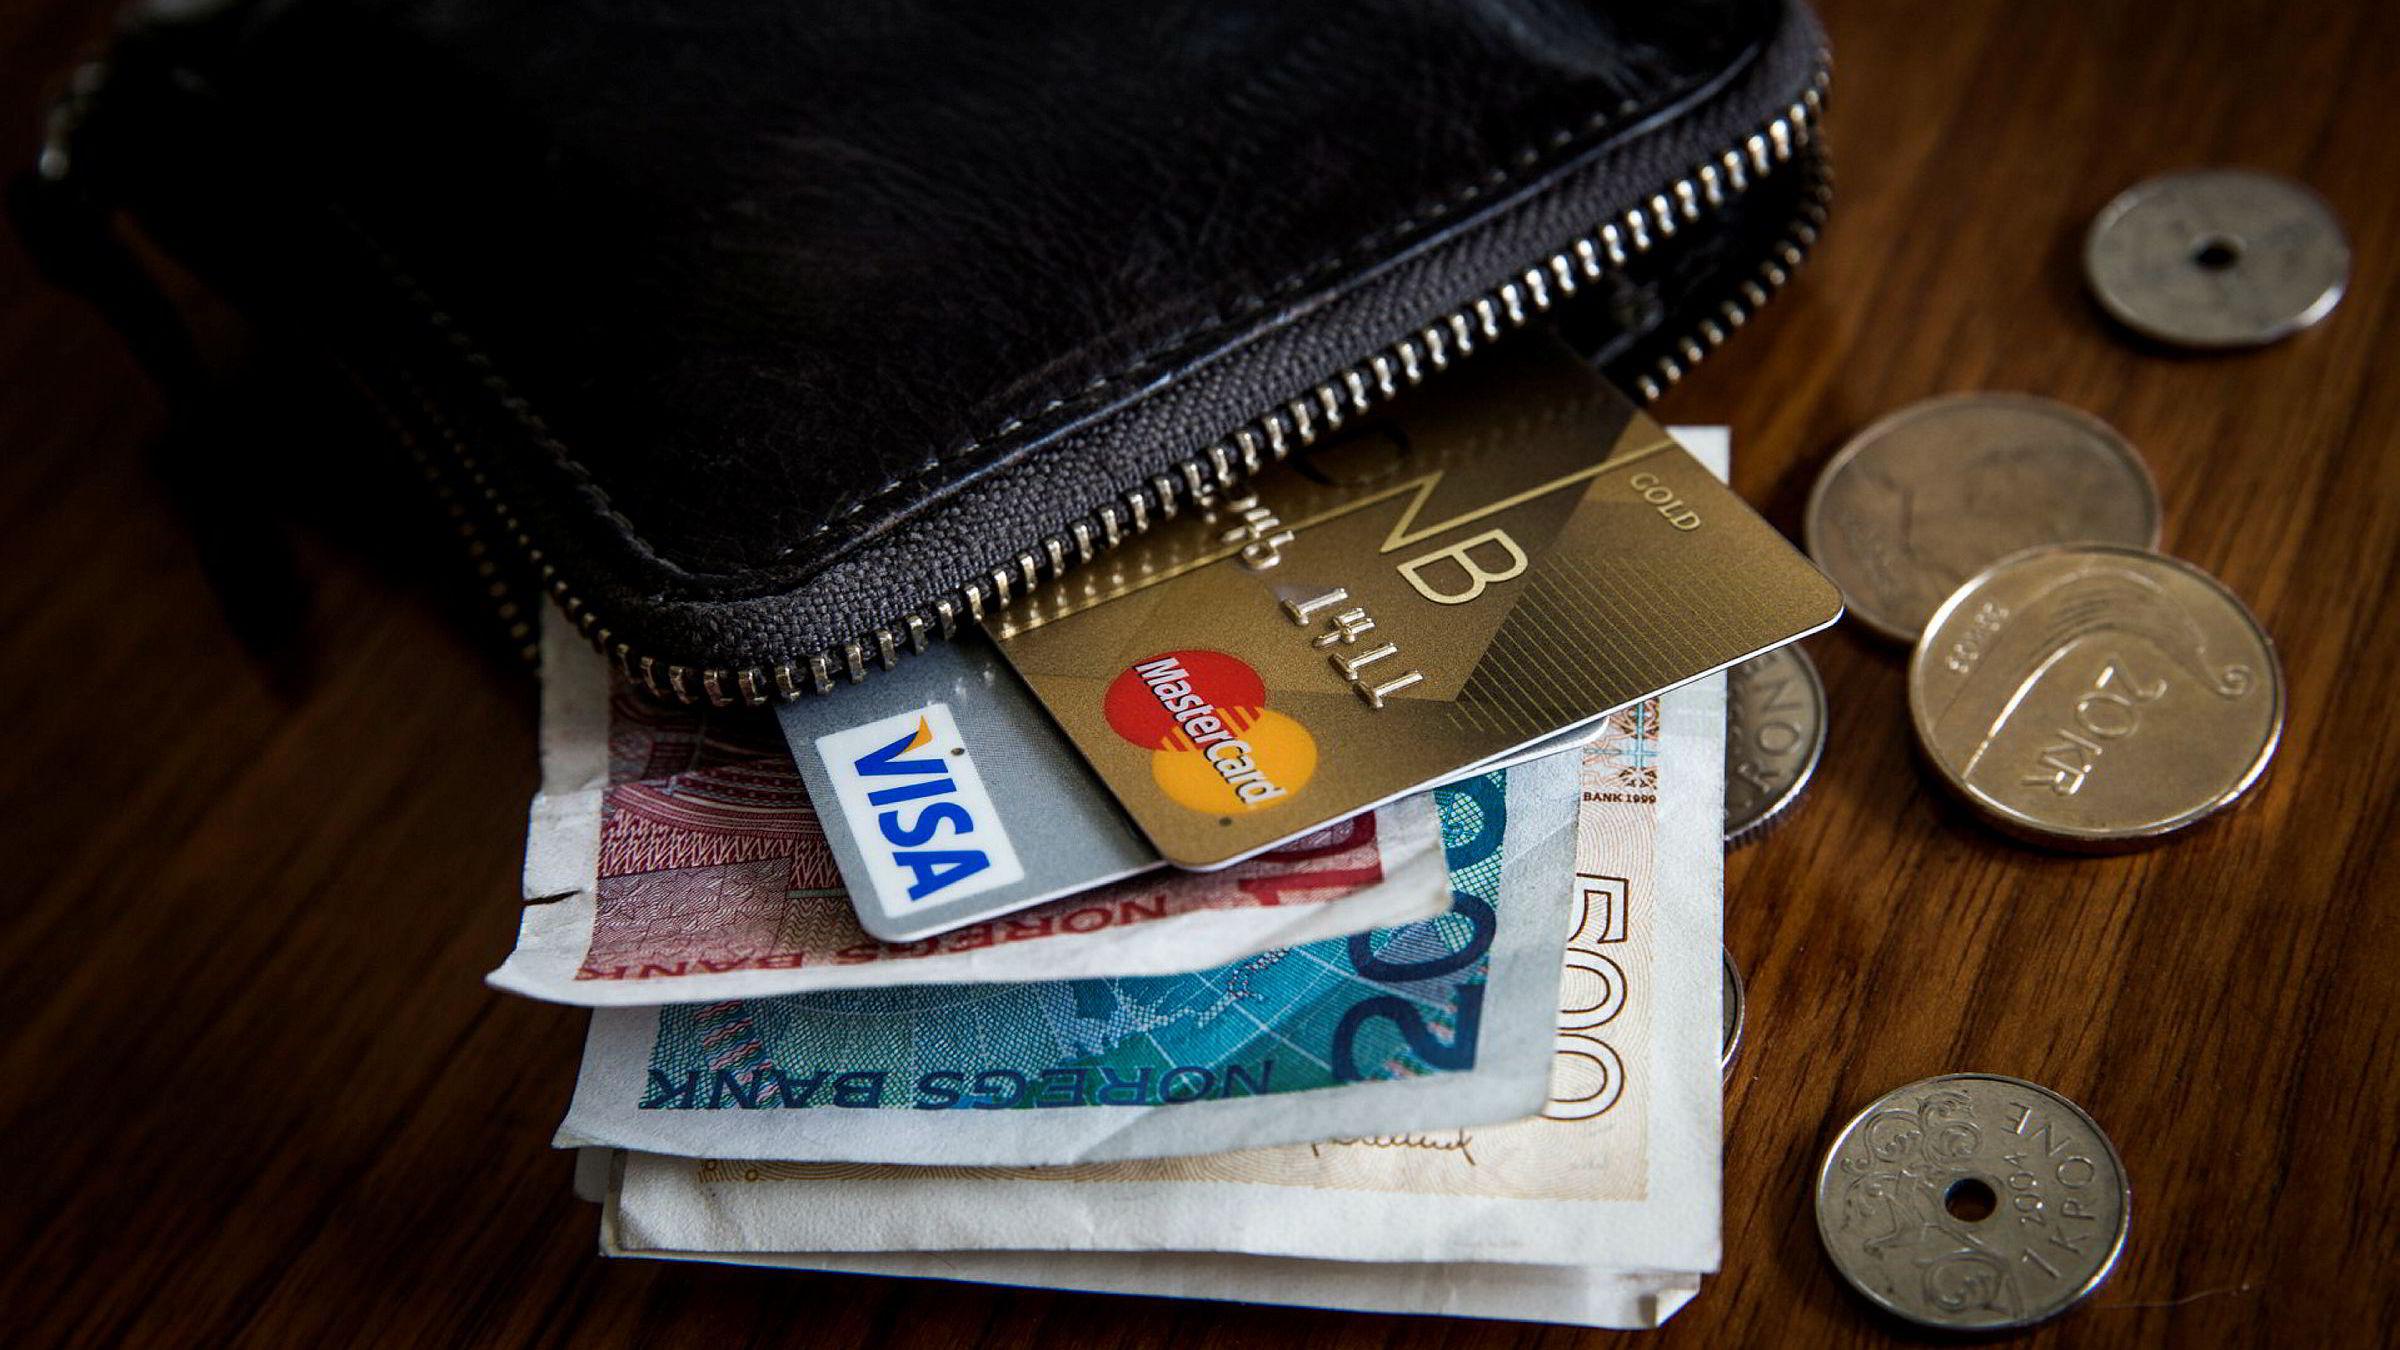 Det danske Se og Hør er i retten for å ha overvåket kjendisers kredittkortbruk.